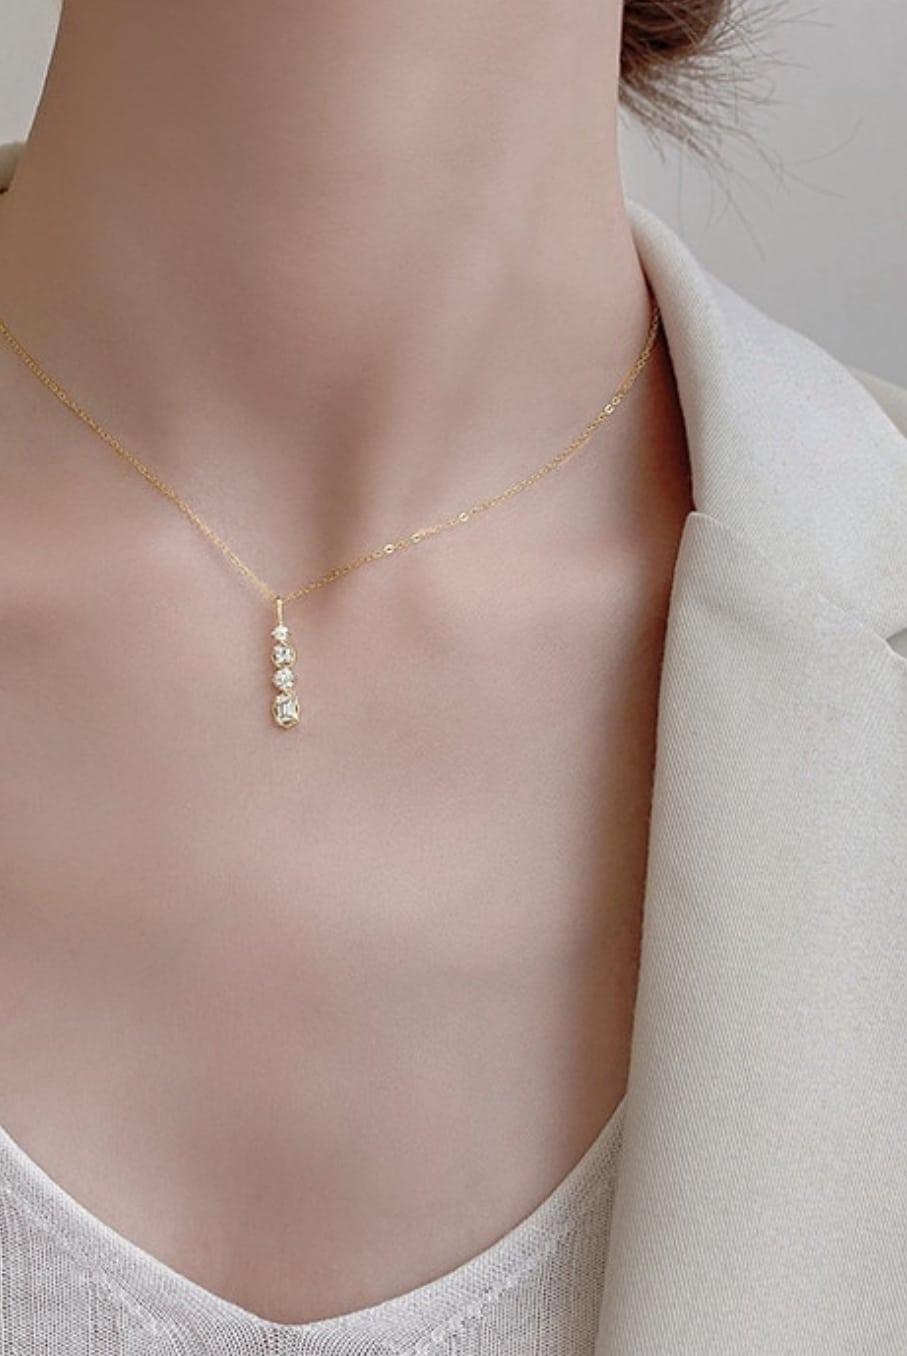 Collier Diamond Drop - elegante Kette mit Zirkonia Diamant Steinen in Gelbgold